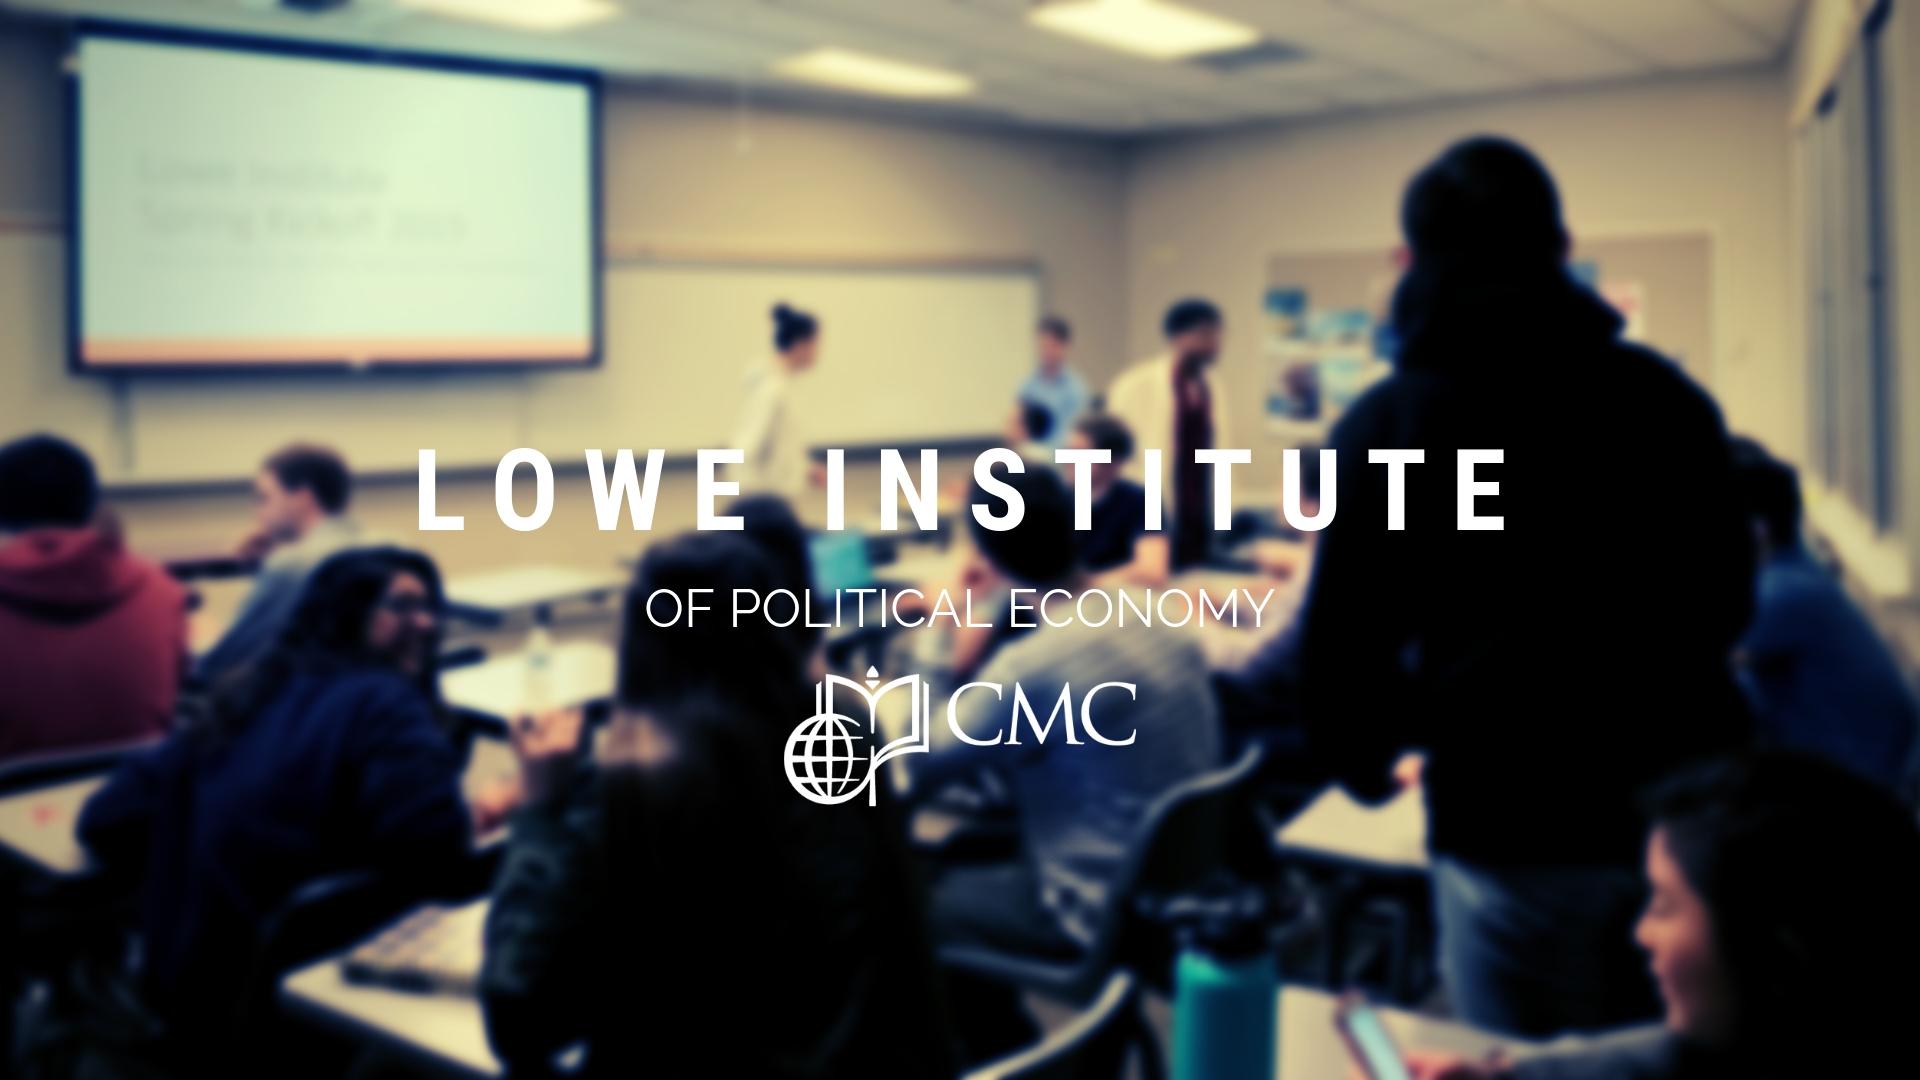 Lowe institute (1)